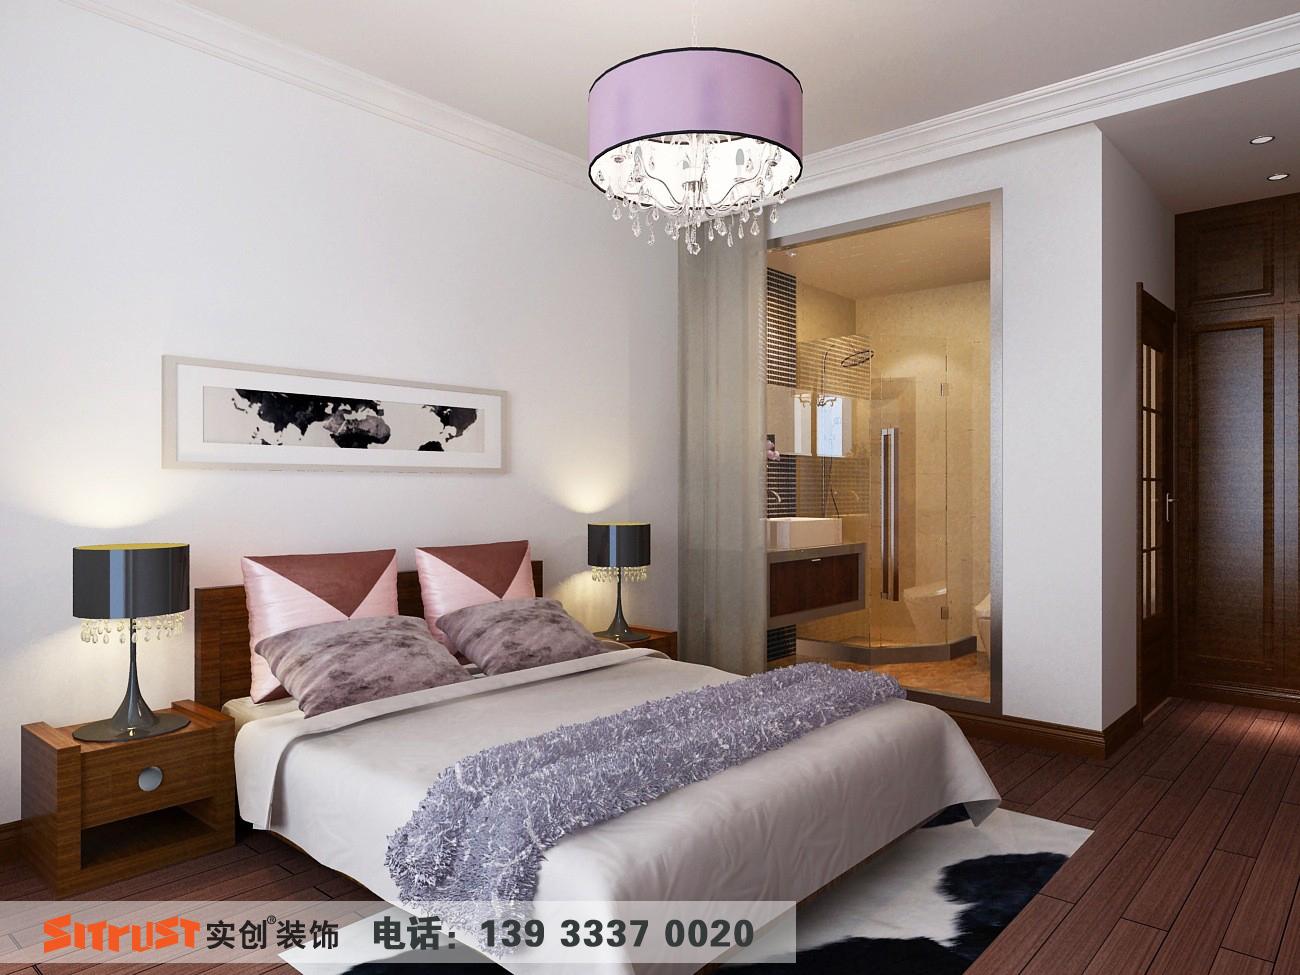 亮点:温和的色彩让卧室更加温馨。